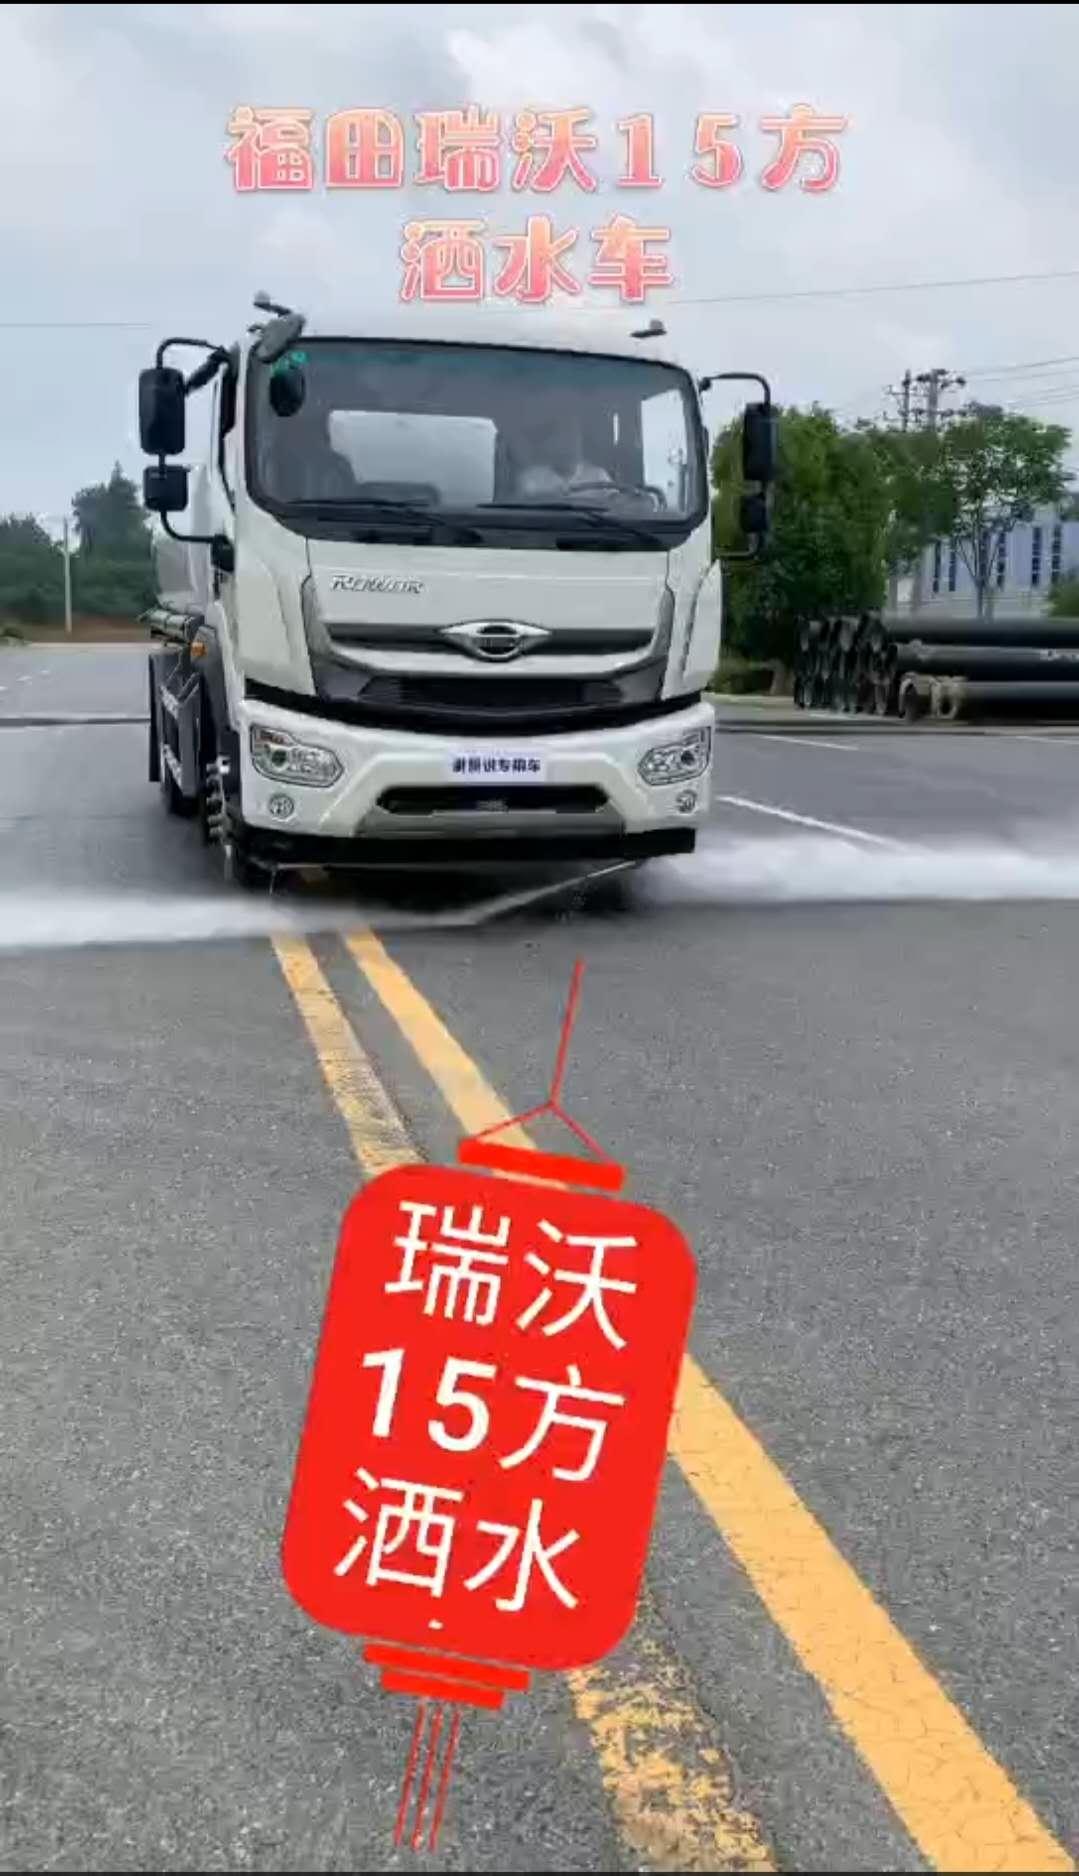 15方洒水车厂家福田潍柴220马力八档变速箱洒水车功能视频